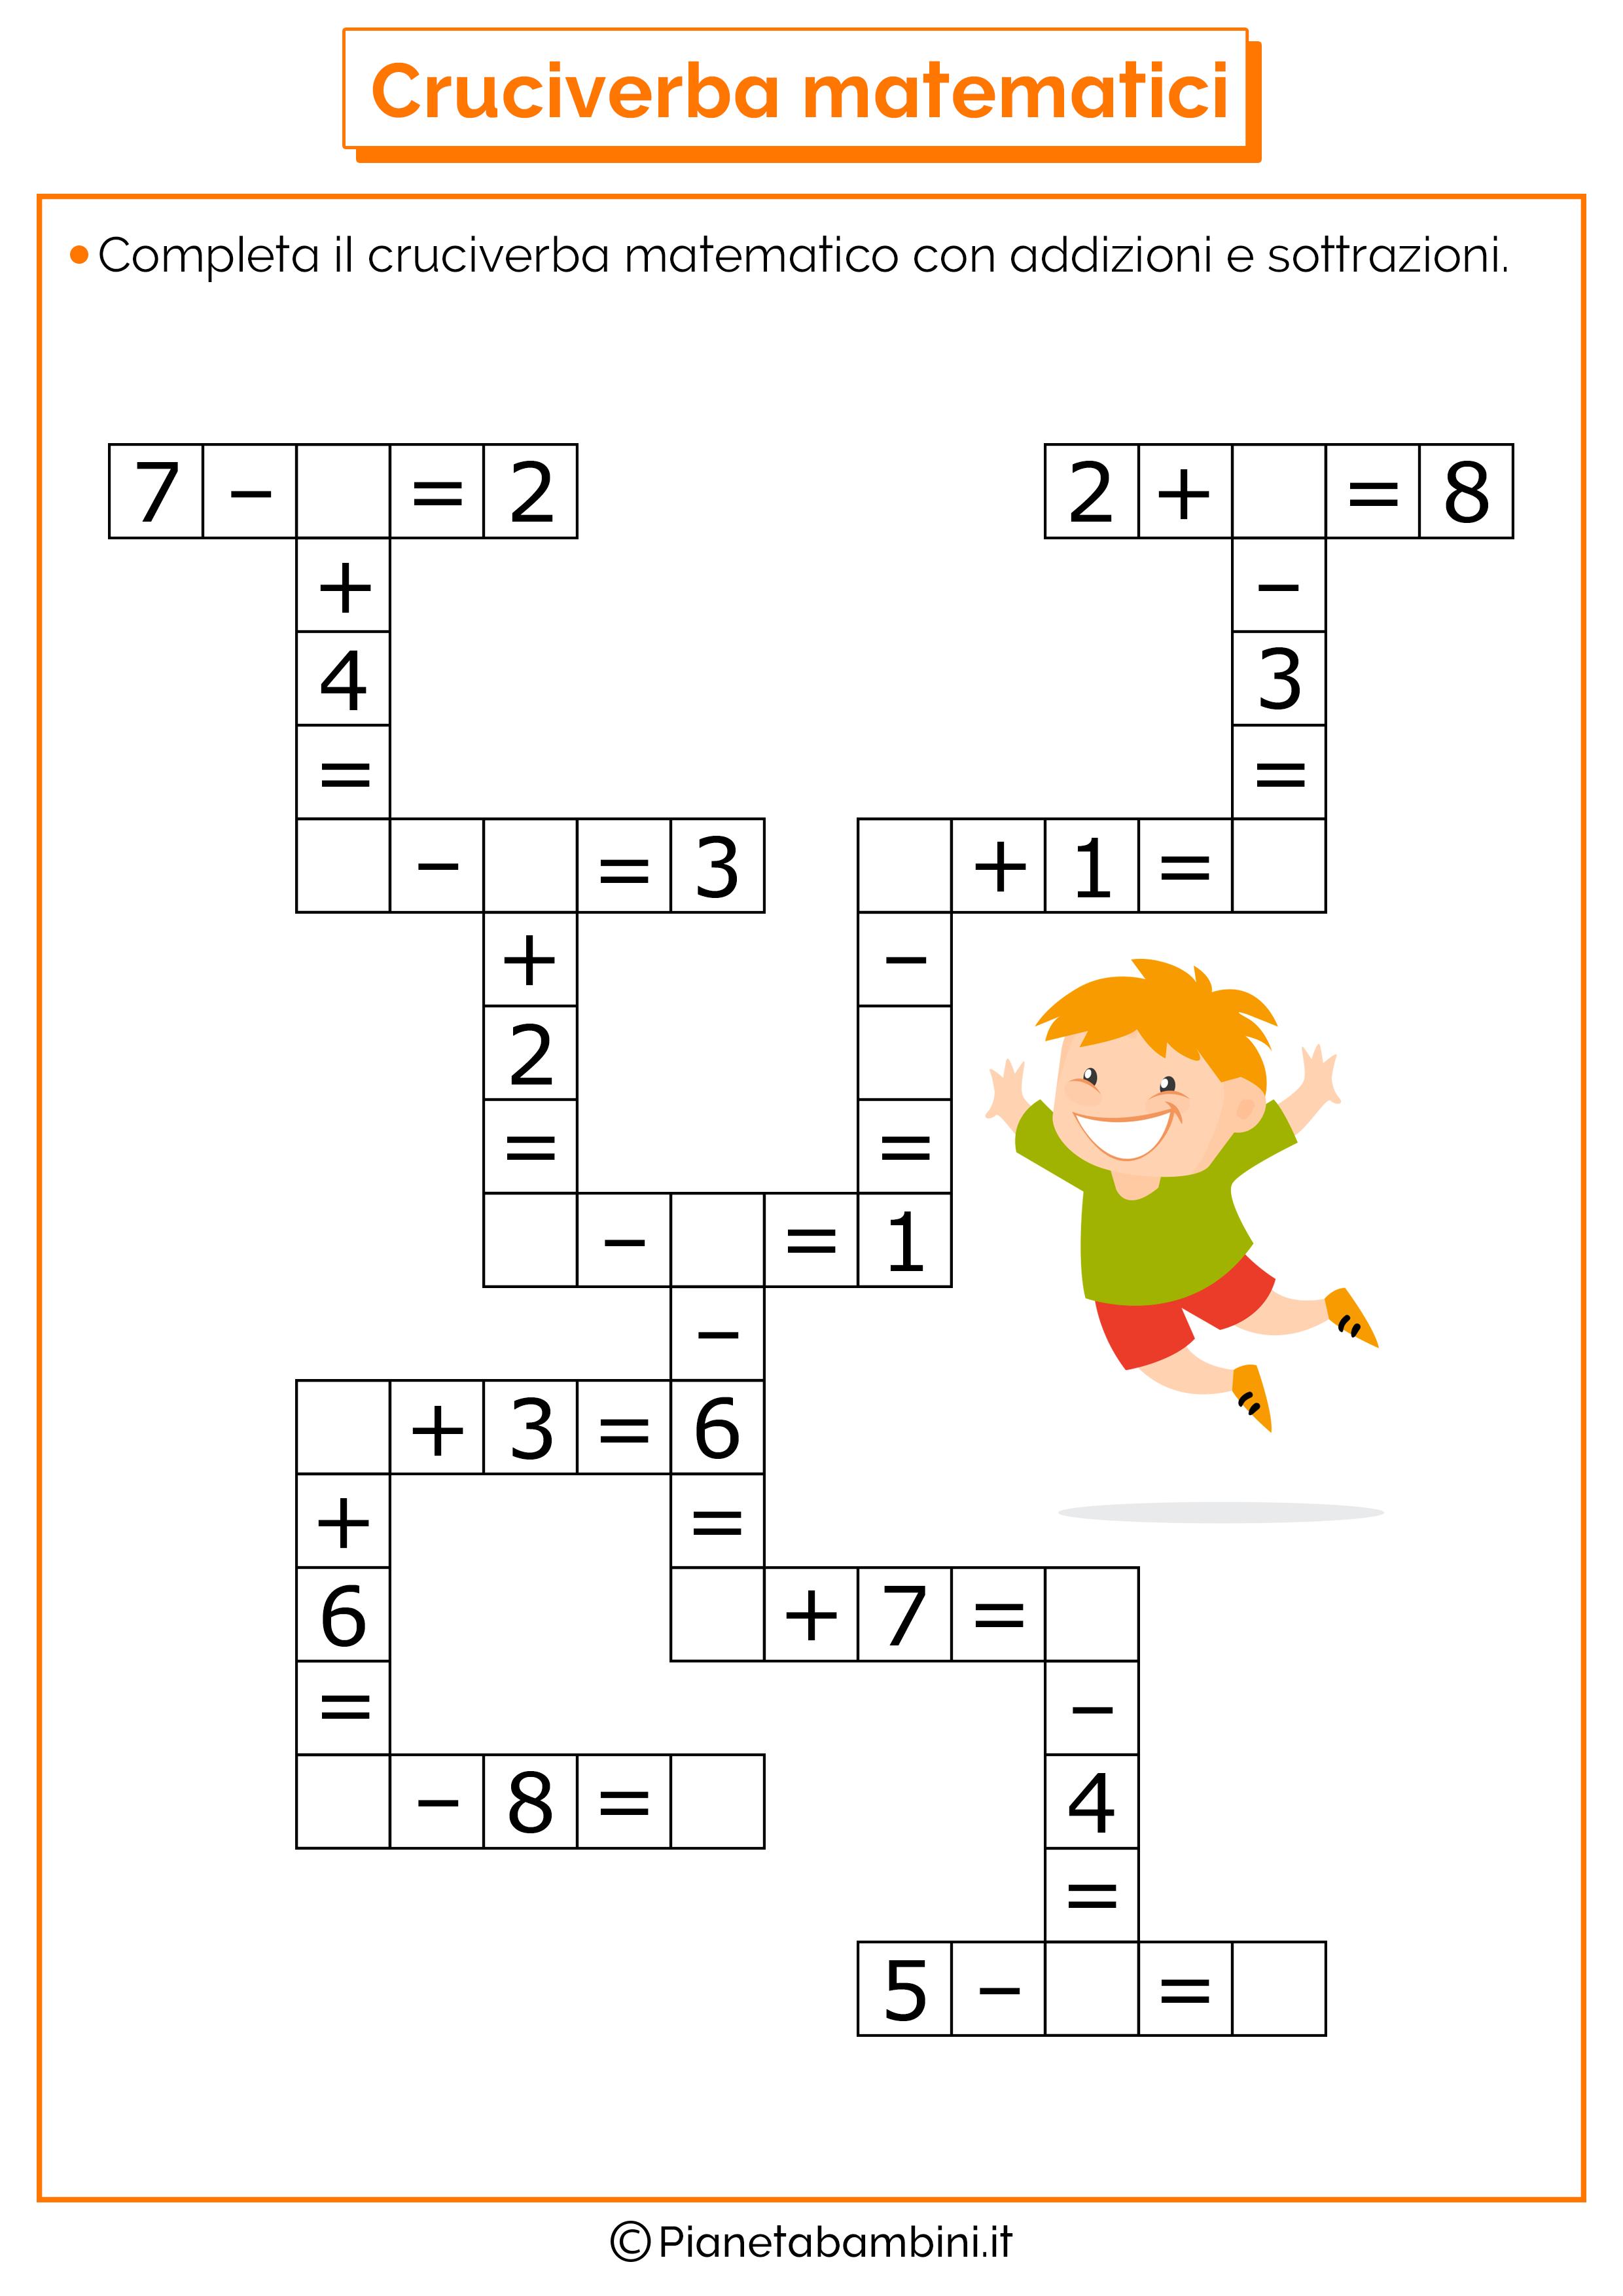 Cruciverba-Matematico-Addizioni-Sottrazioni-2